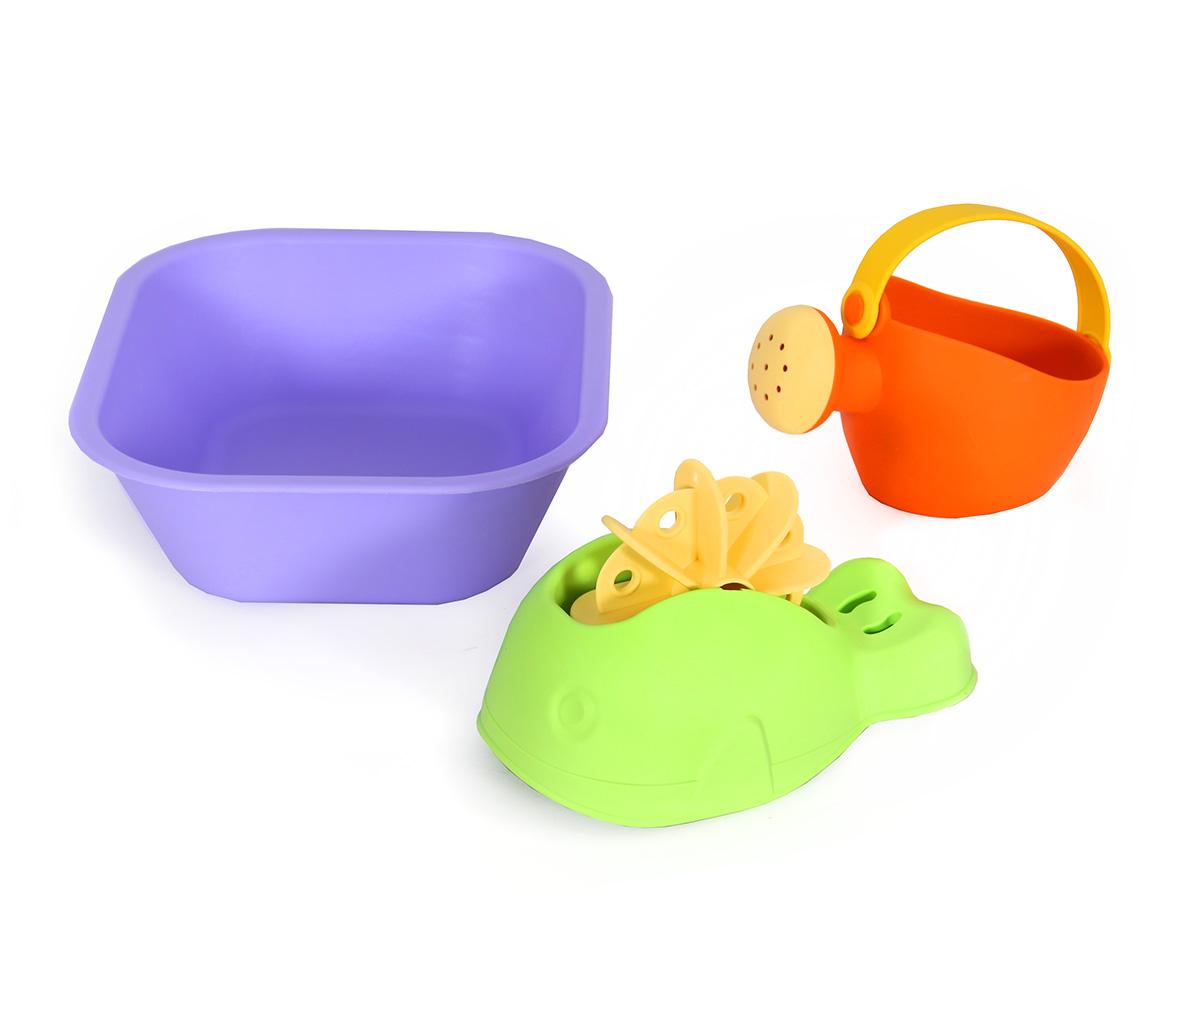 Купить Игрушки для ванны: ванночка, лейка малая, кит, Биплант